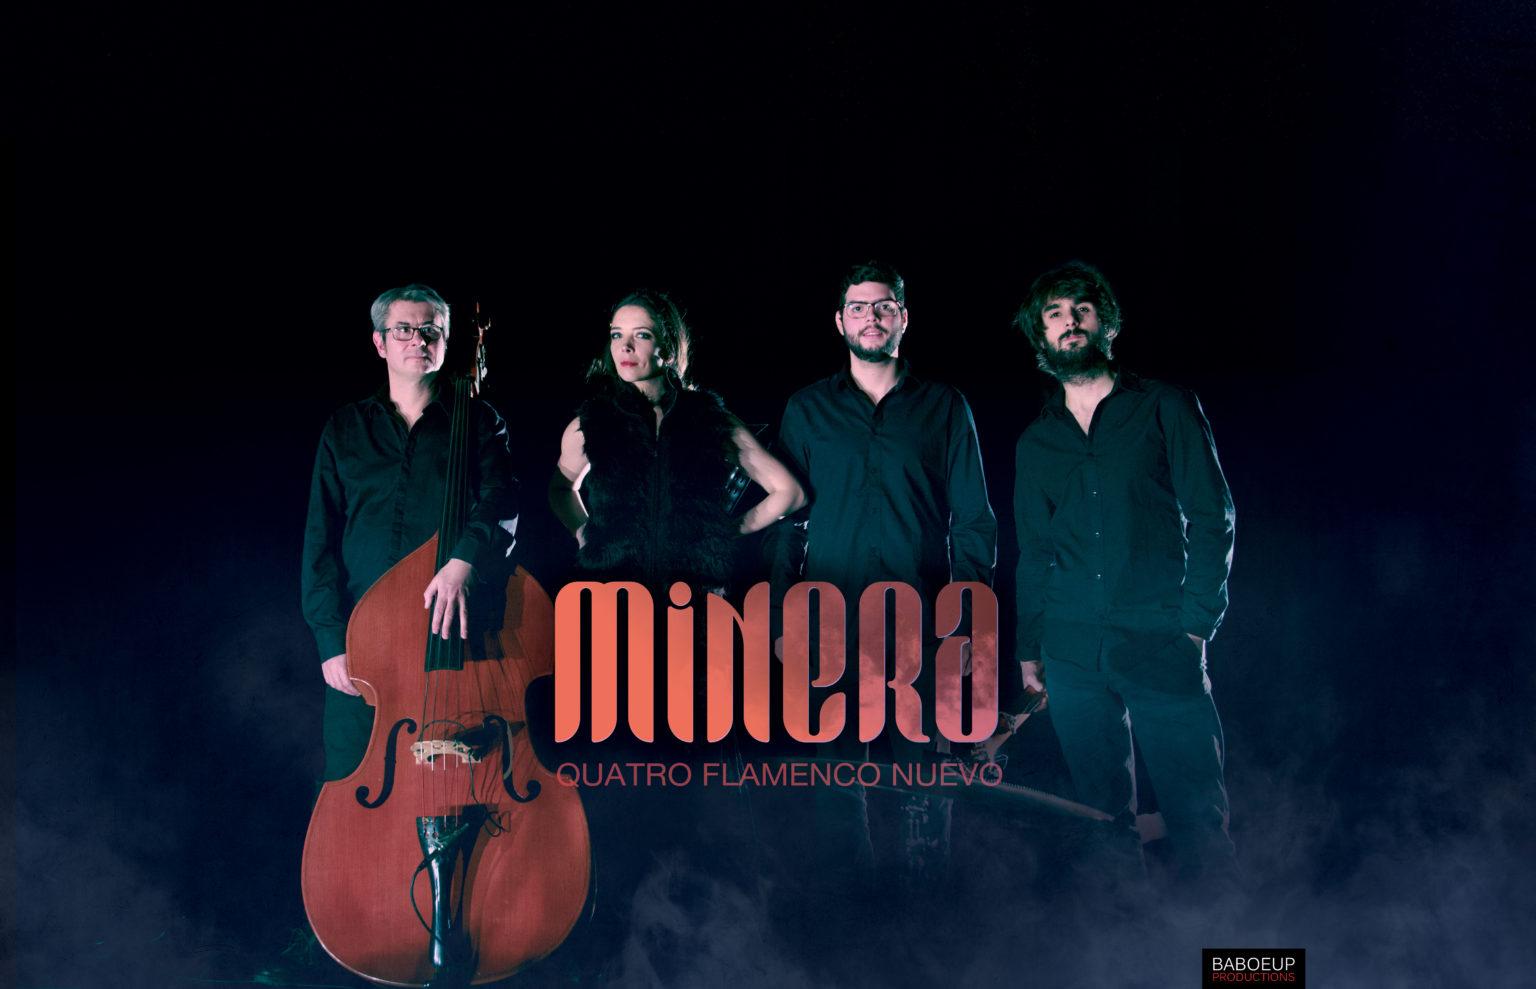 Minera Quartet 2021 - Portrait du groupe - Crédits photos : Alexandre Magi - Lieu : Théâtre d'Elsa - Baboeup Production